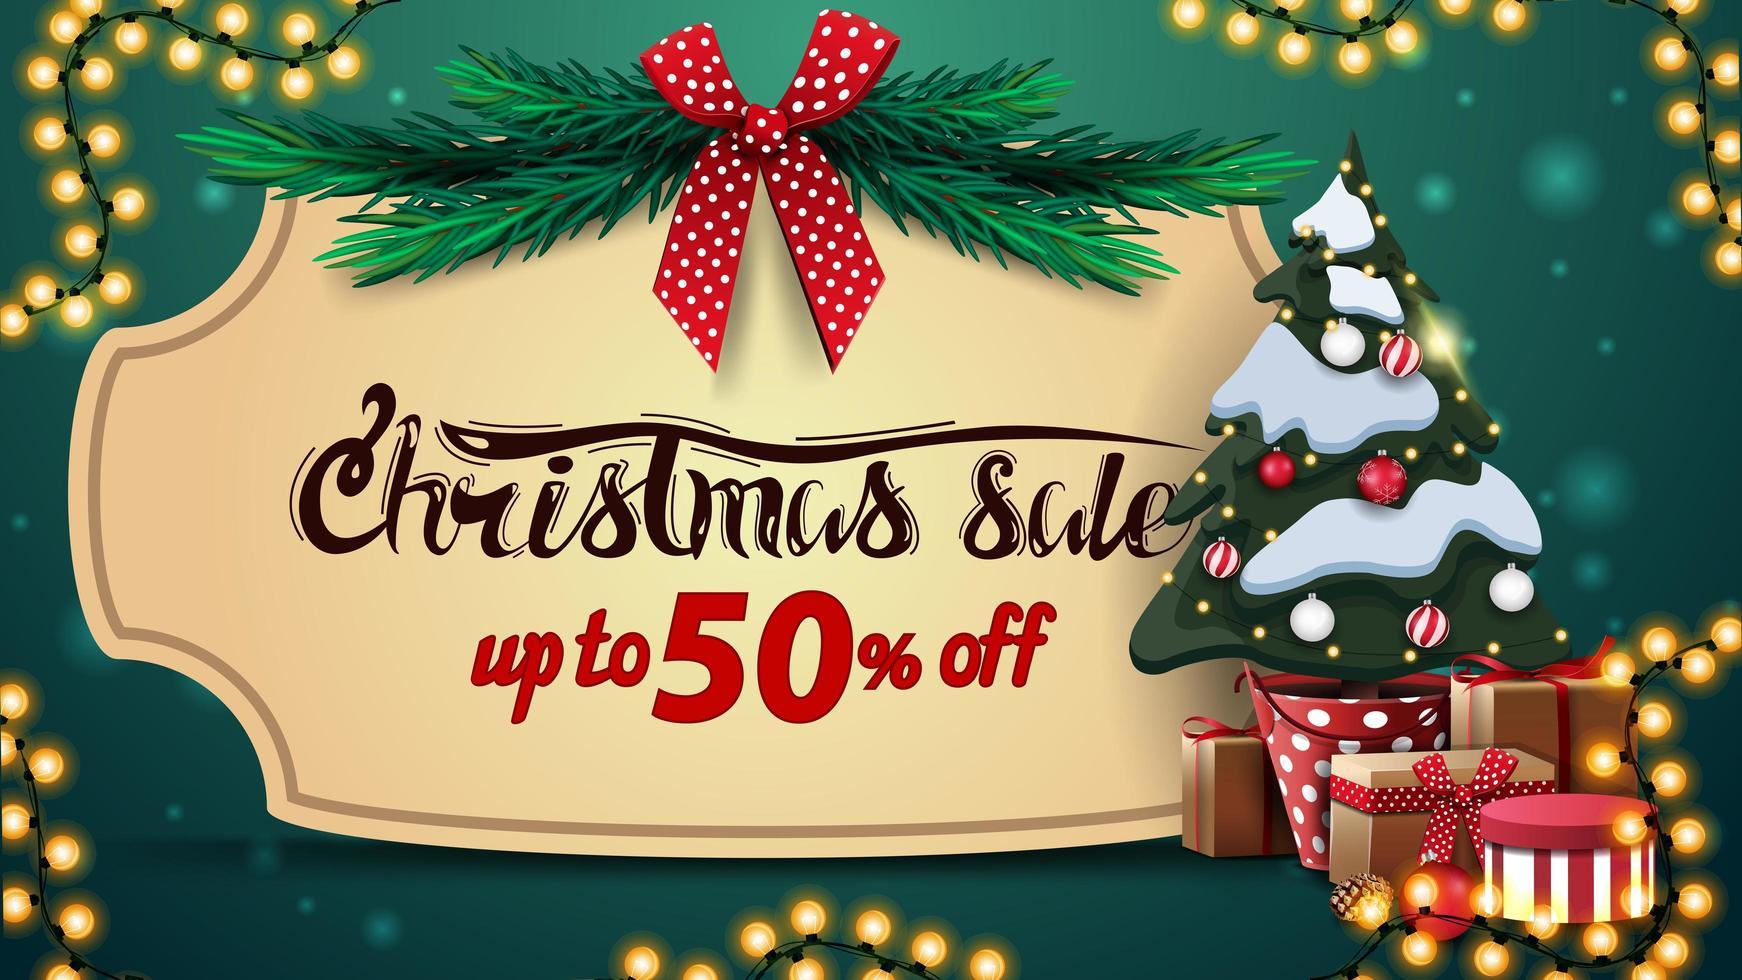 kerstuitverkoop, tot 50 korting, groene kortingsbanner met vintage frame, kerstboomtakken met rode strik, slinger en kerstboom in een pot met geschenken vector